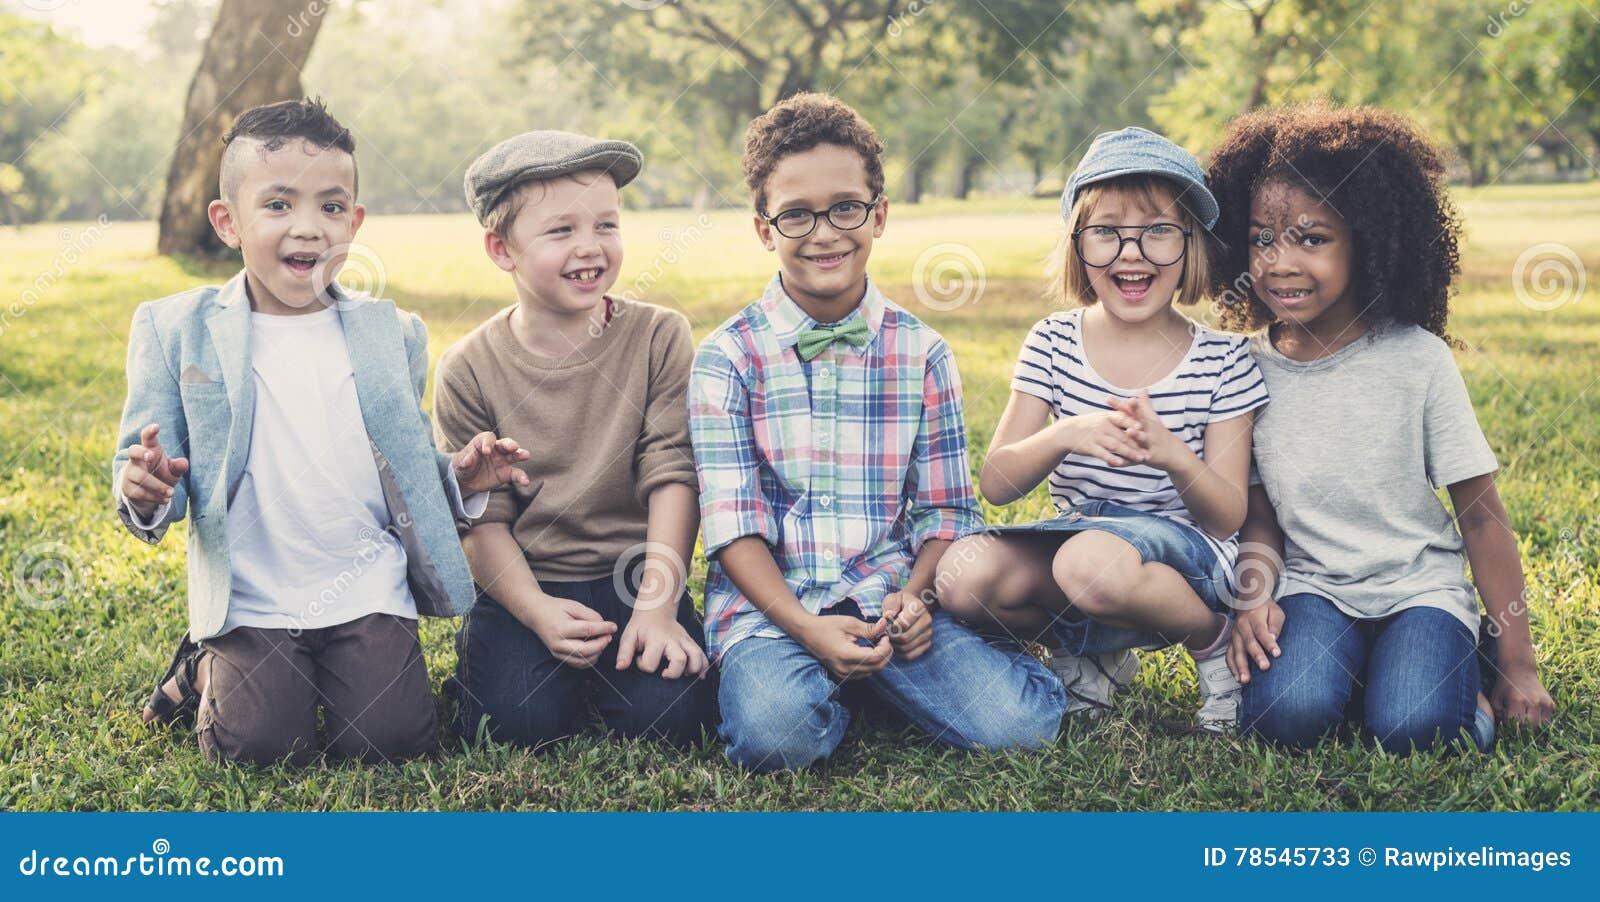 För vänungar för tillfälliga barn gladlynt gulligt begrepp